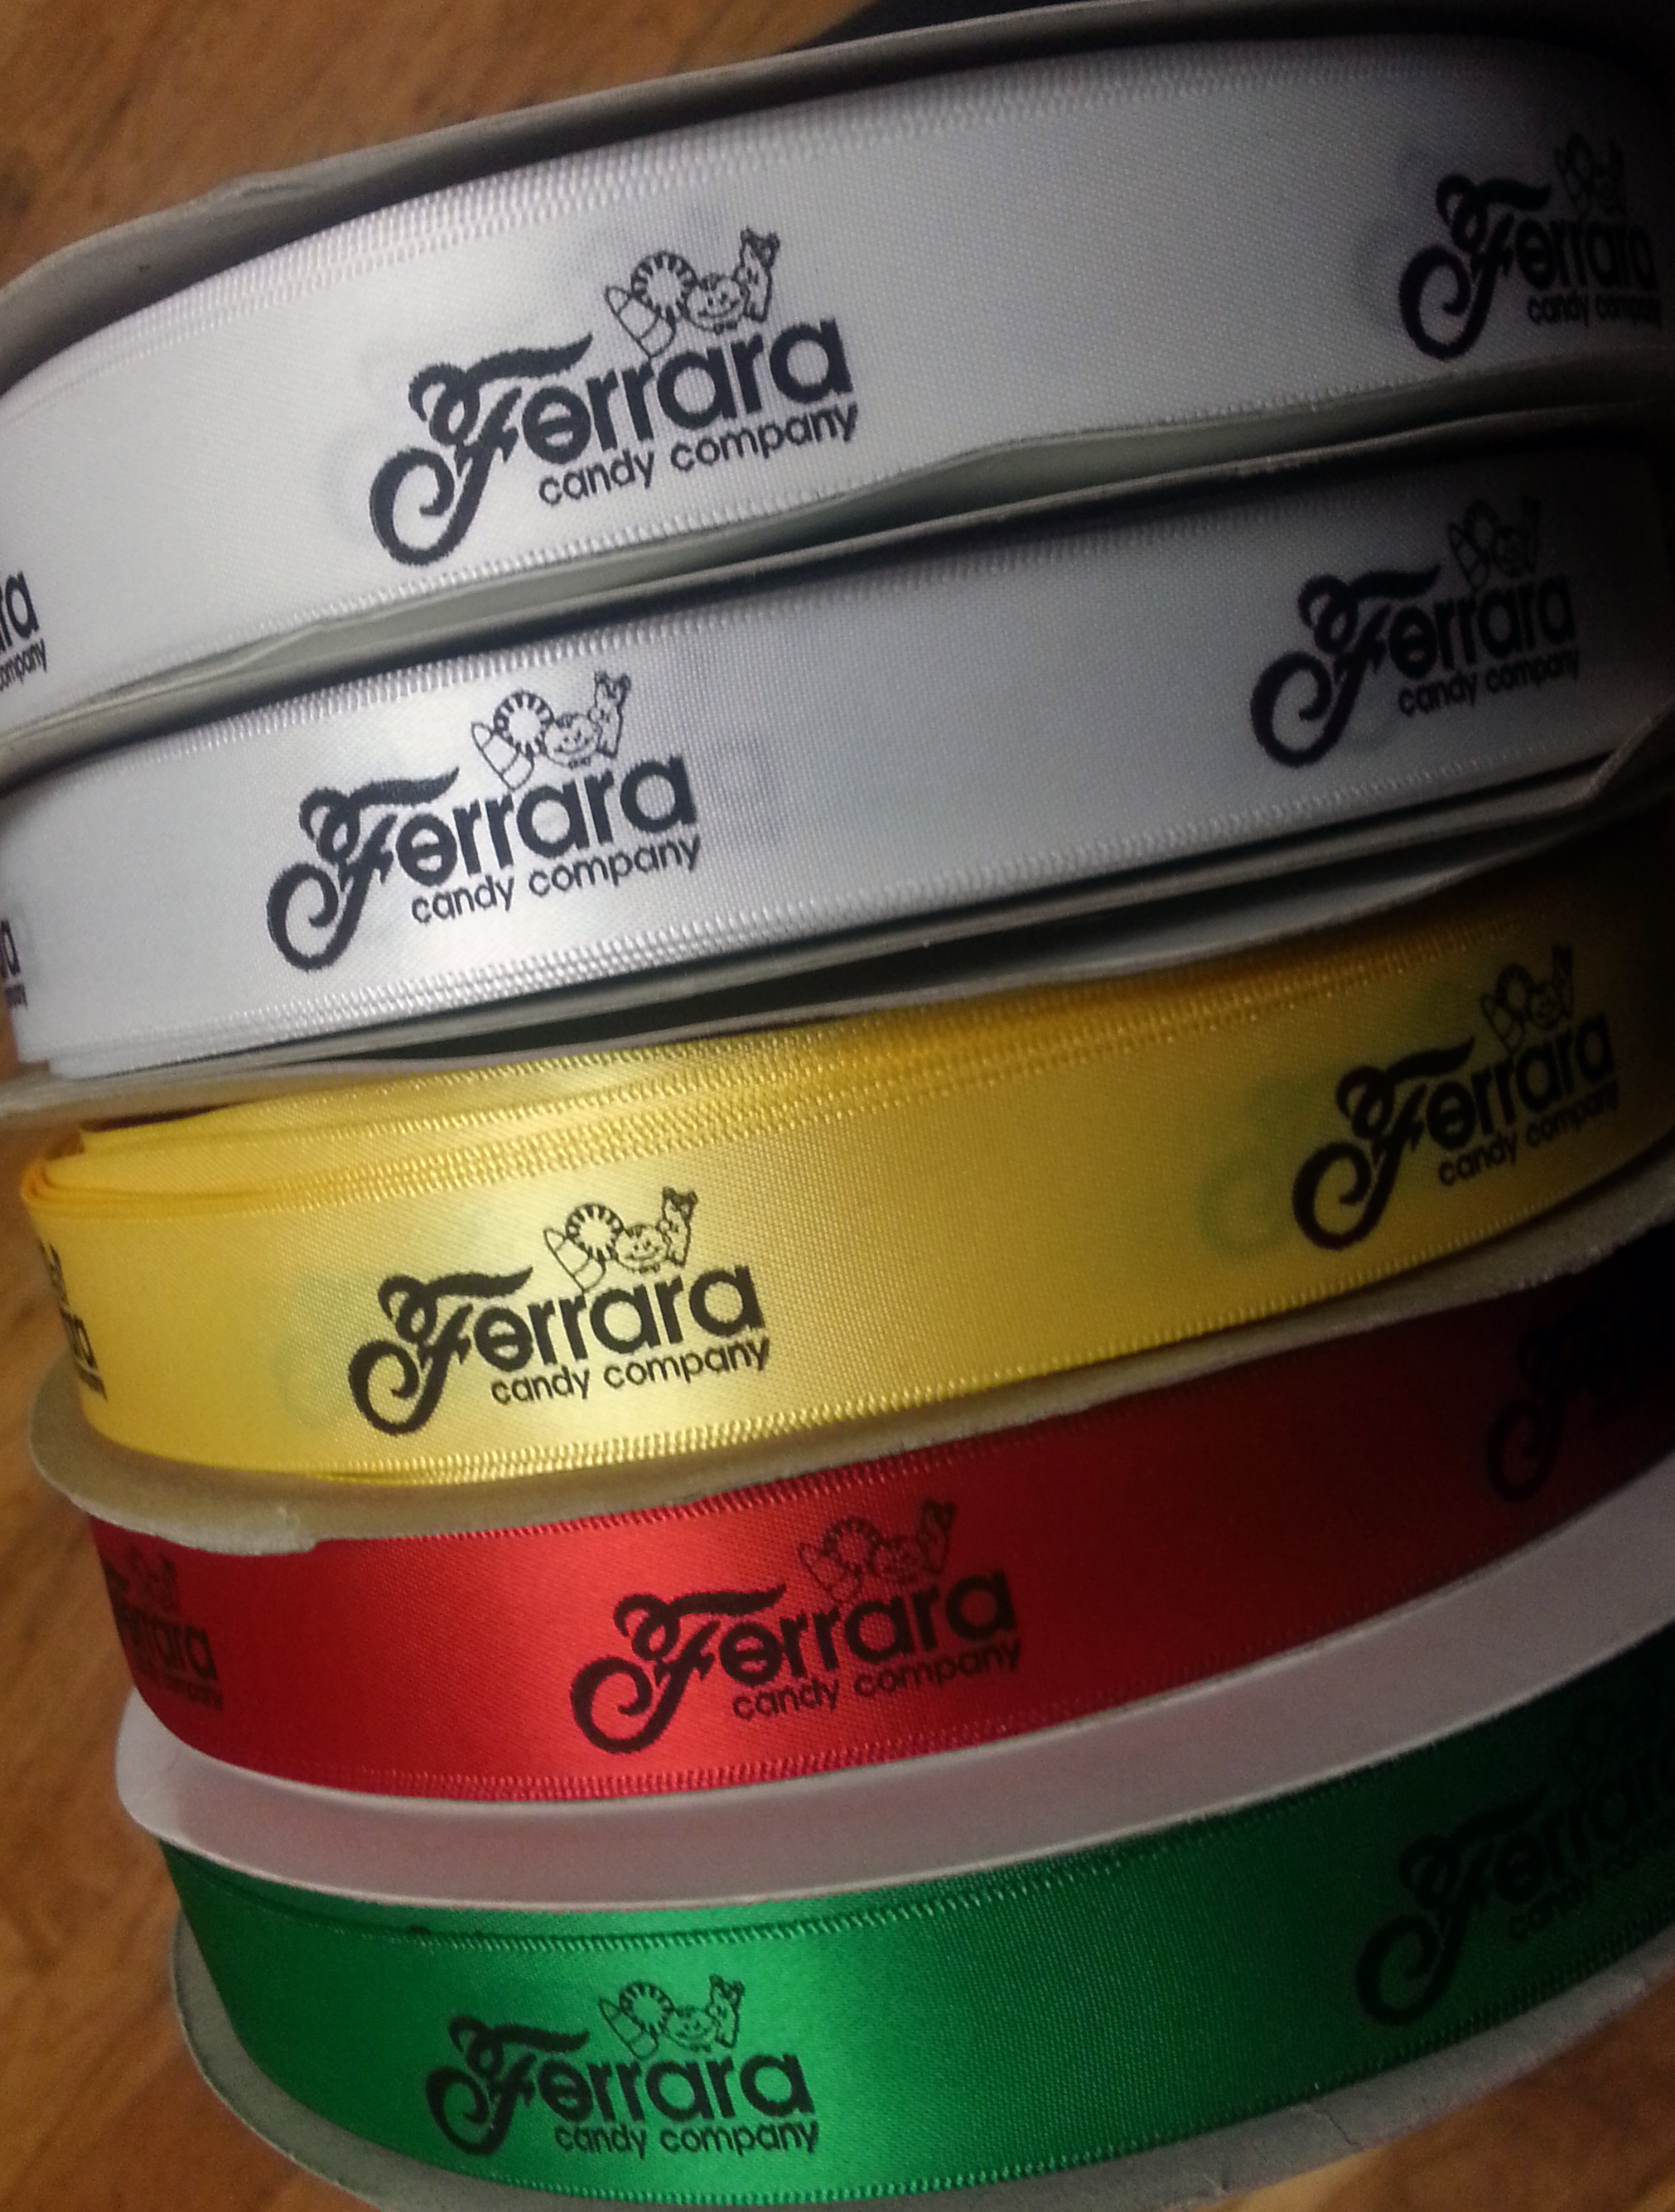 custom logo ribbon, custom logo gift ribbon, custom printed ribbon, custom printed gift ribbon, personalized printed ribbon, personalized printed gift ribbon